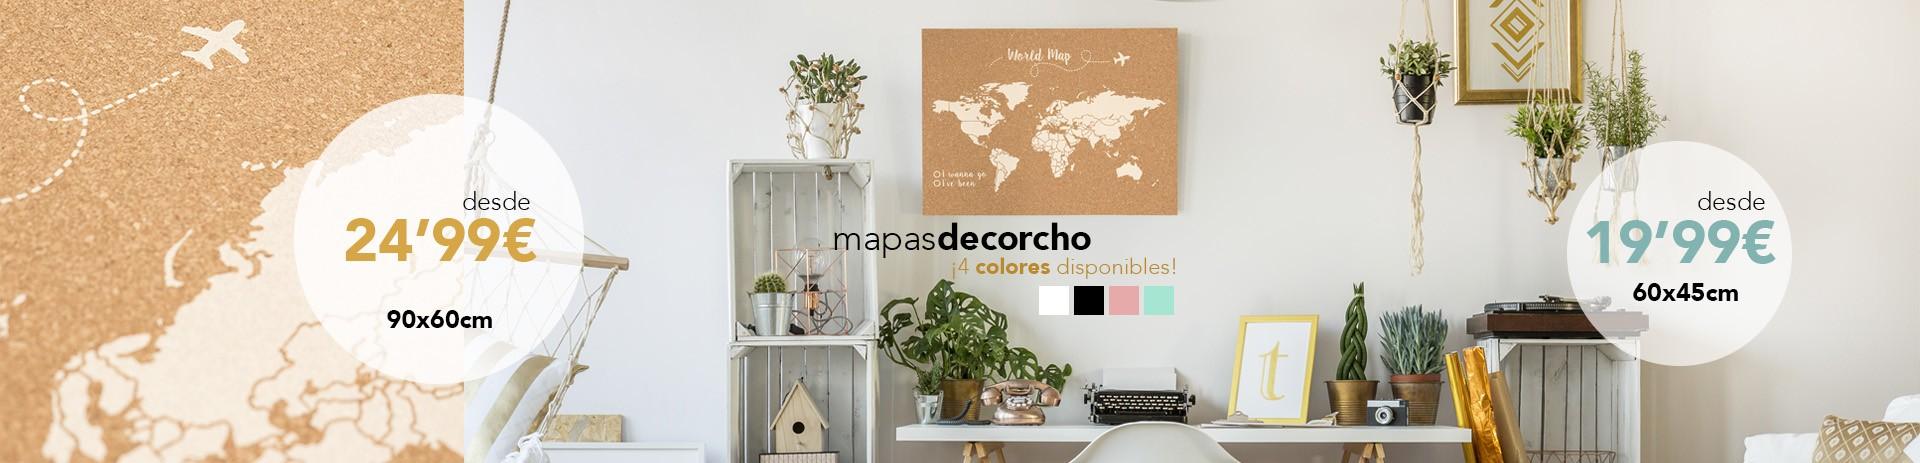 Novedad Mapas Corcho